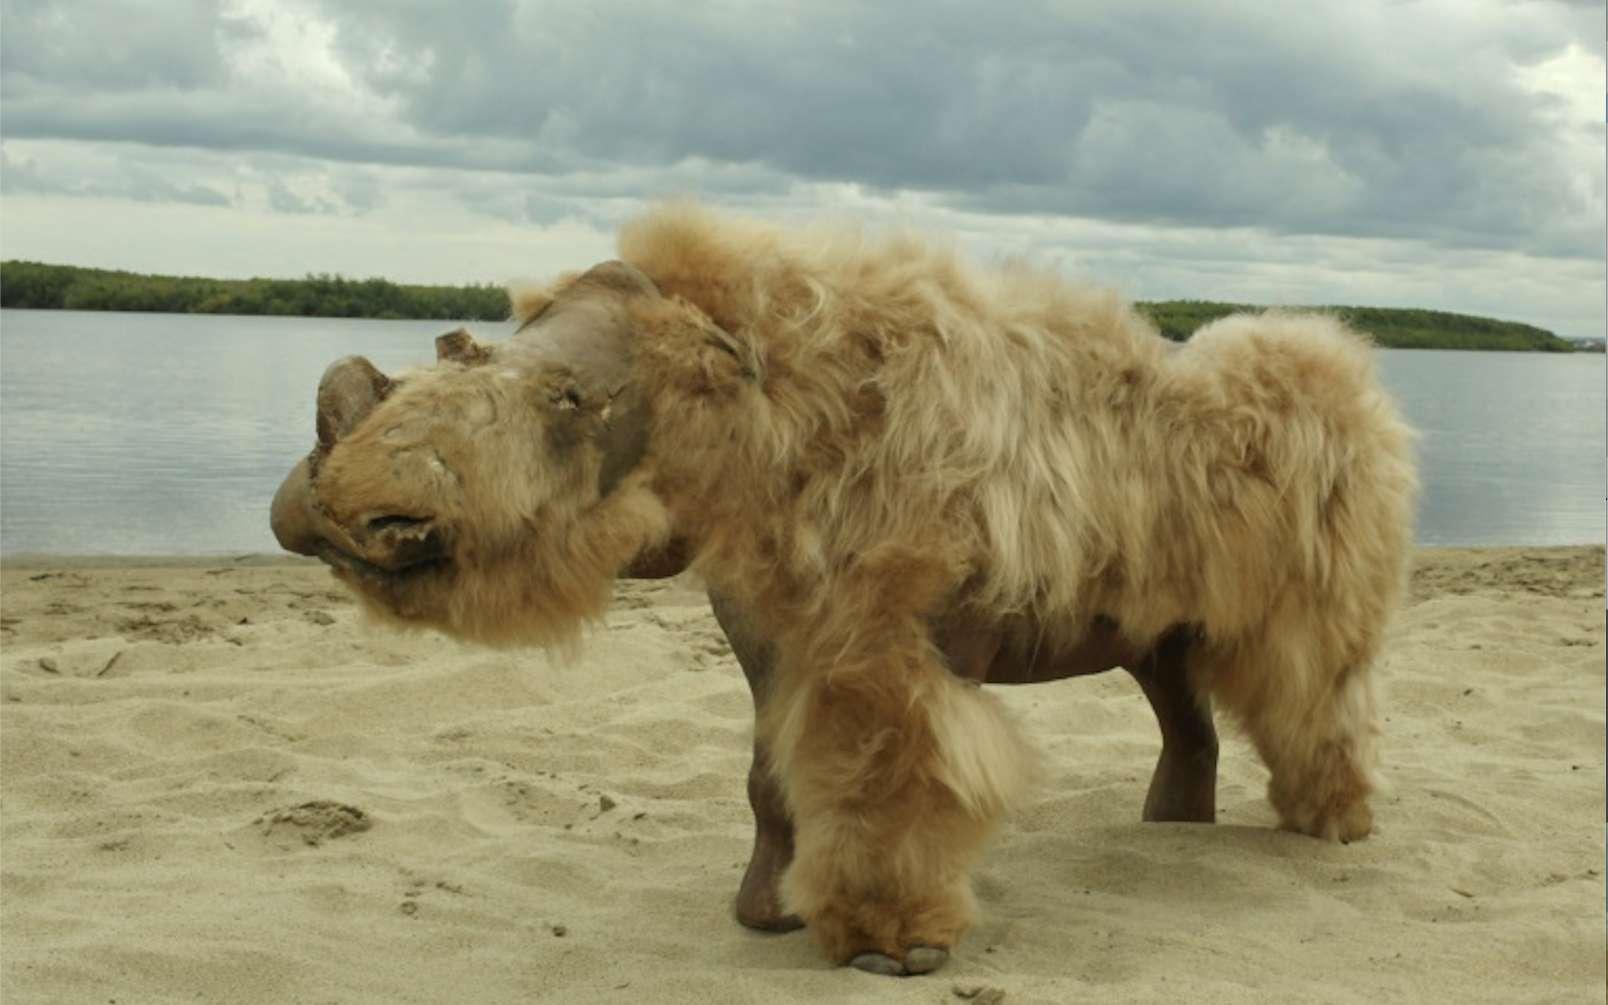 Un spécimen de rhinocéros laineux exceptionnellement bien conservé (Coelodonta antiquitatis) et baptisé Sasha. © Albert Protopopov, AFP